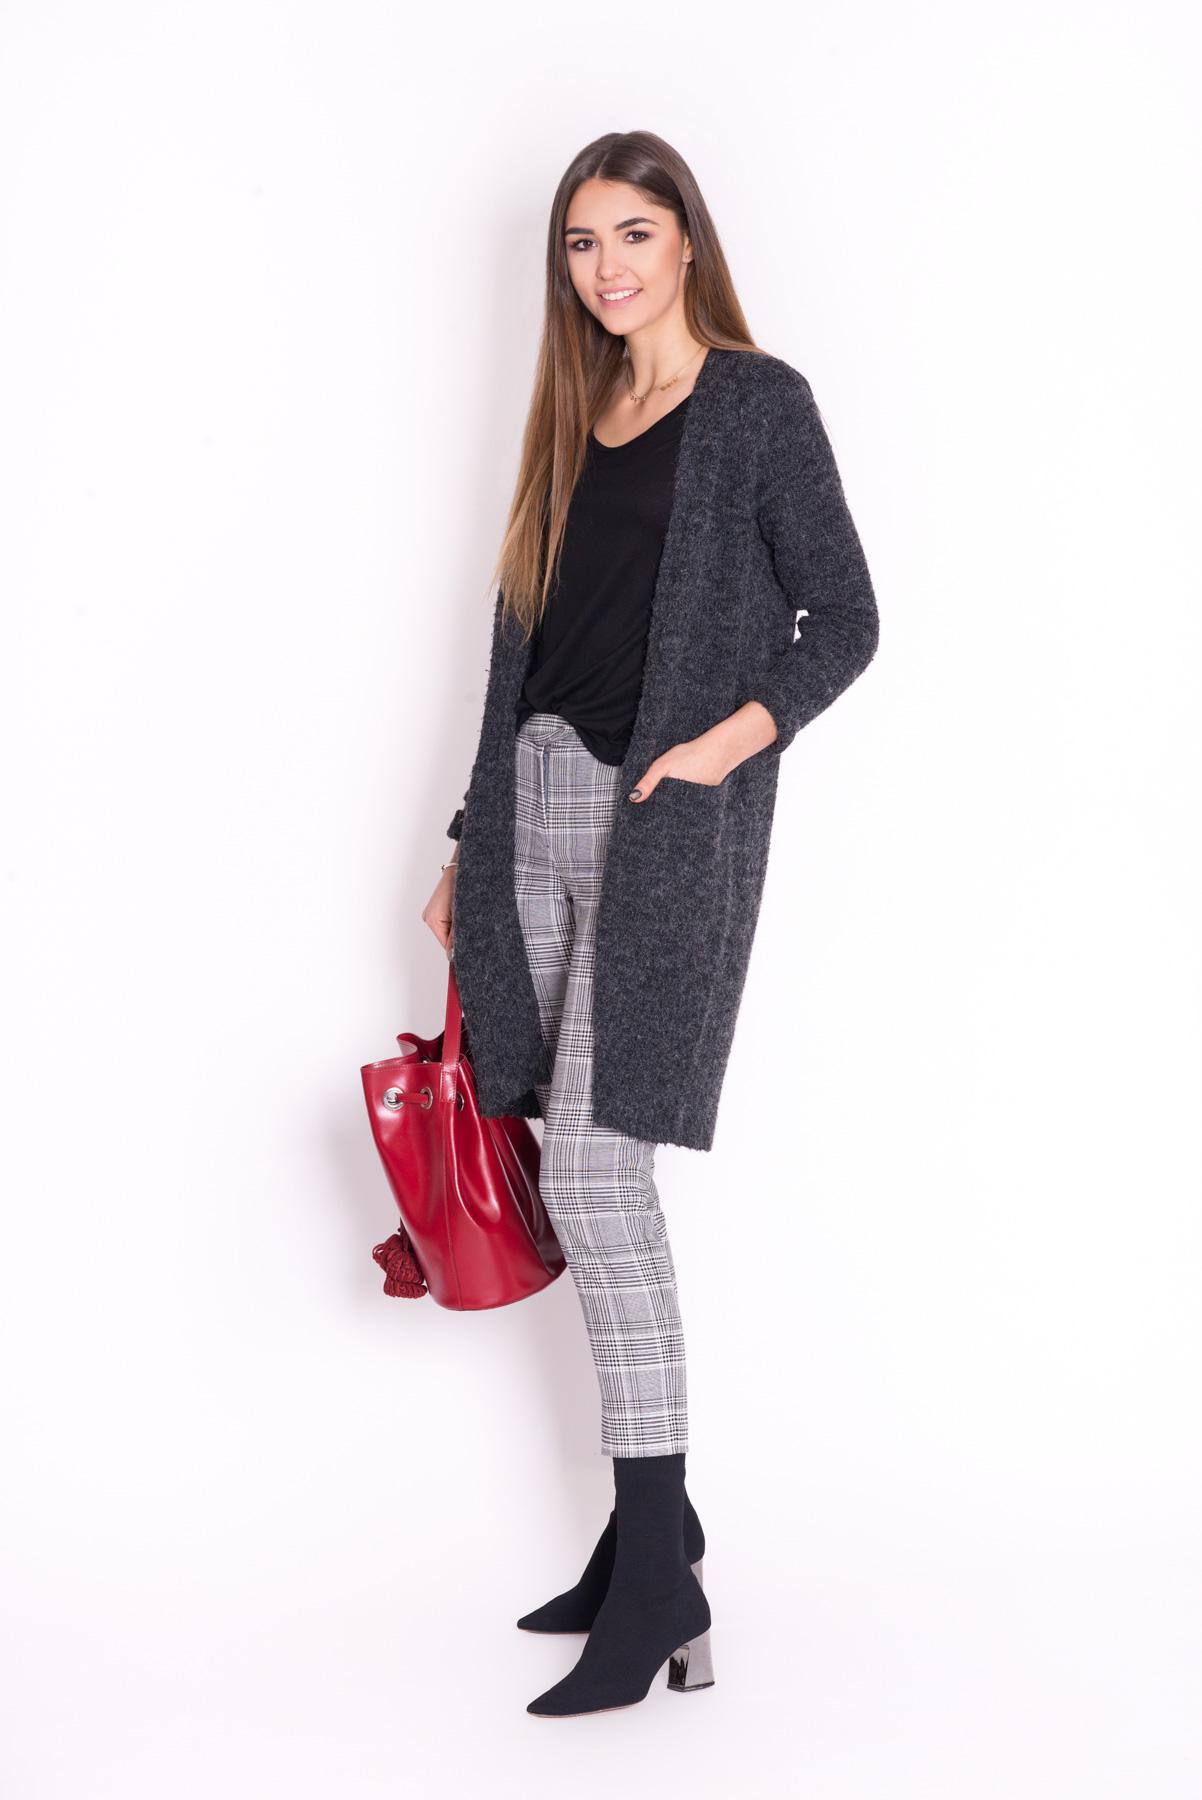 5. Długi kardigan to idealna propozycja dla aktywnej kobiety, która lubi wyglądać stylowo i czuć się komfortowo.